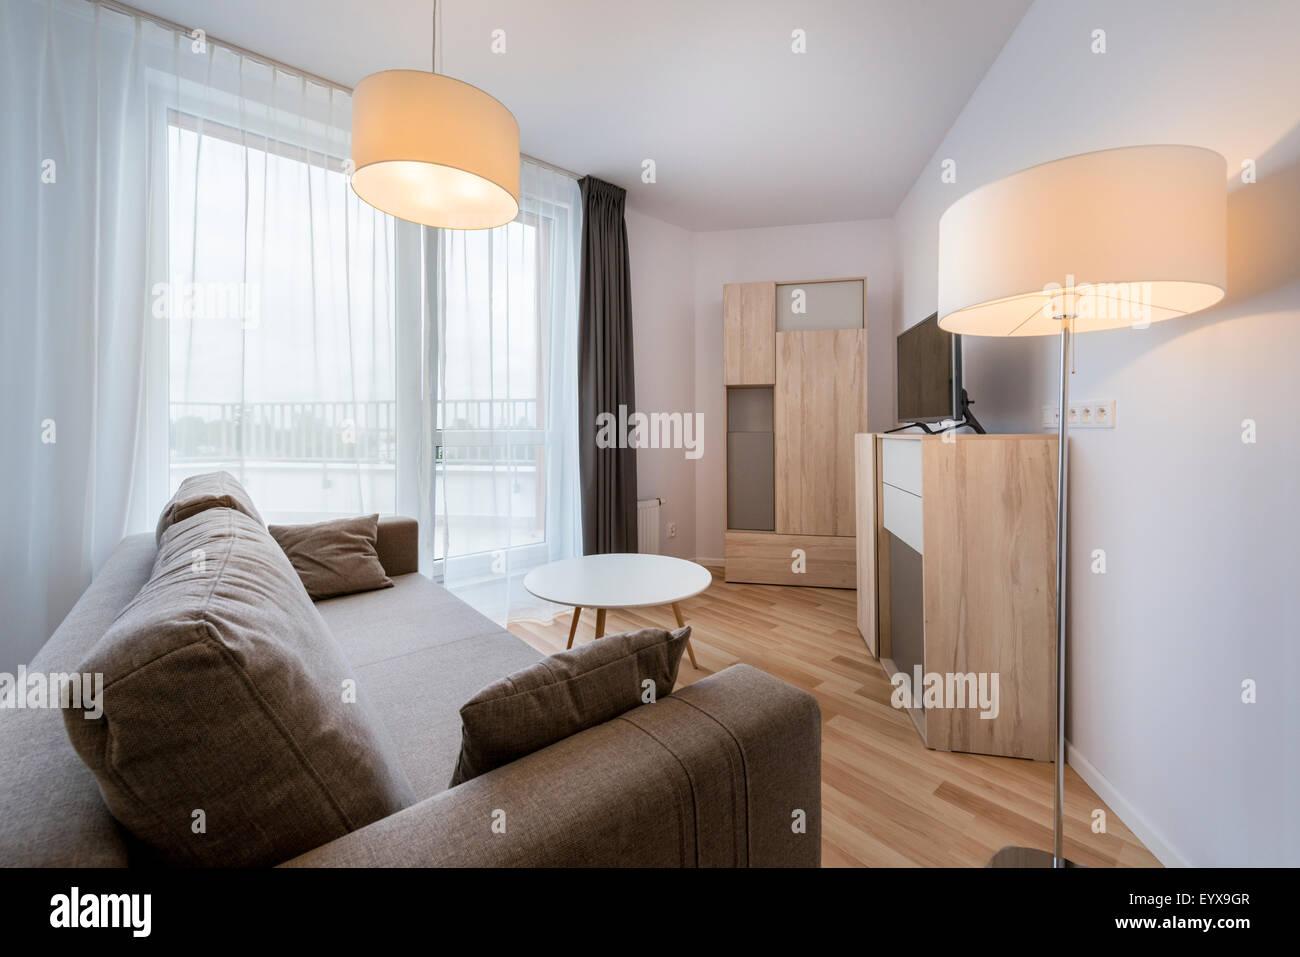 Große Fenster im modernen Wohnzimmer Wohnung Stockfoto, Bild ...